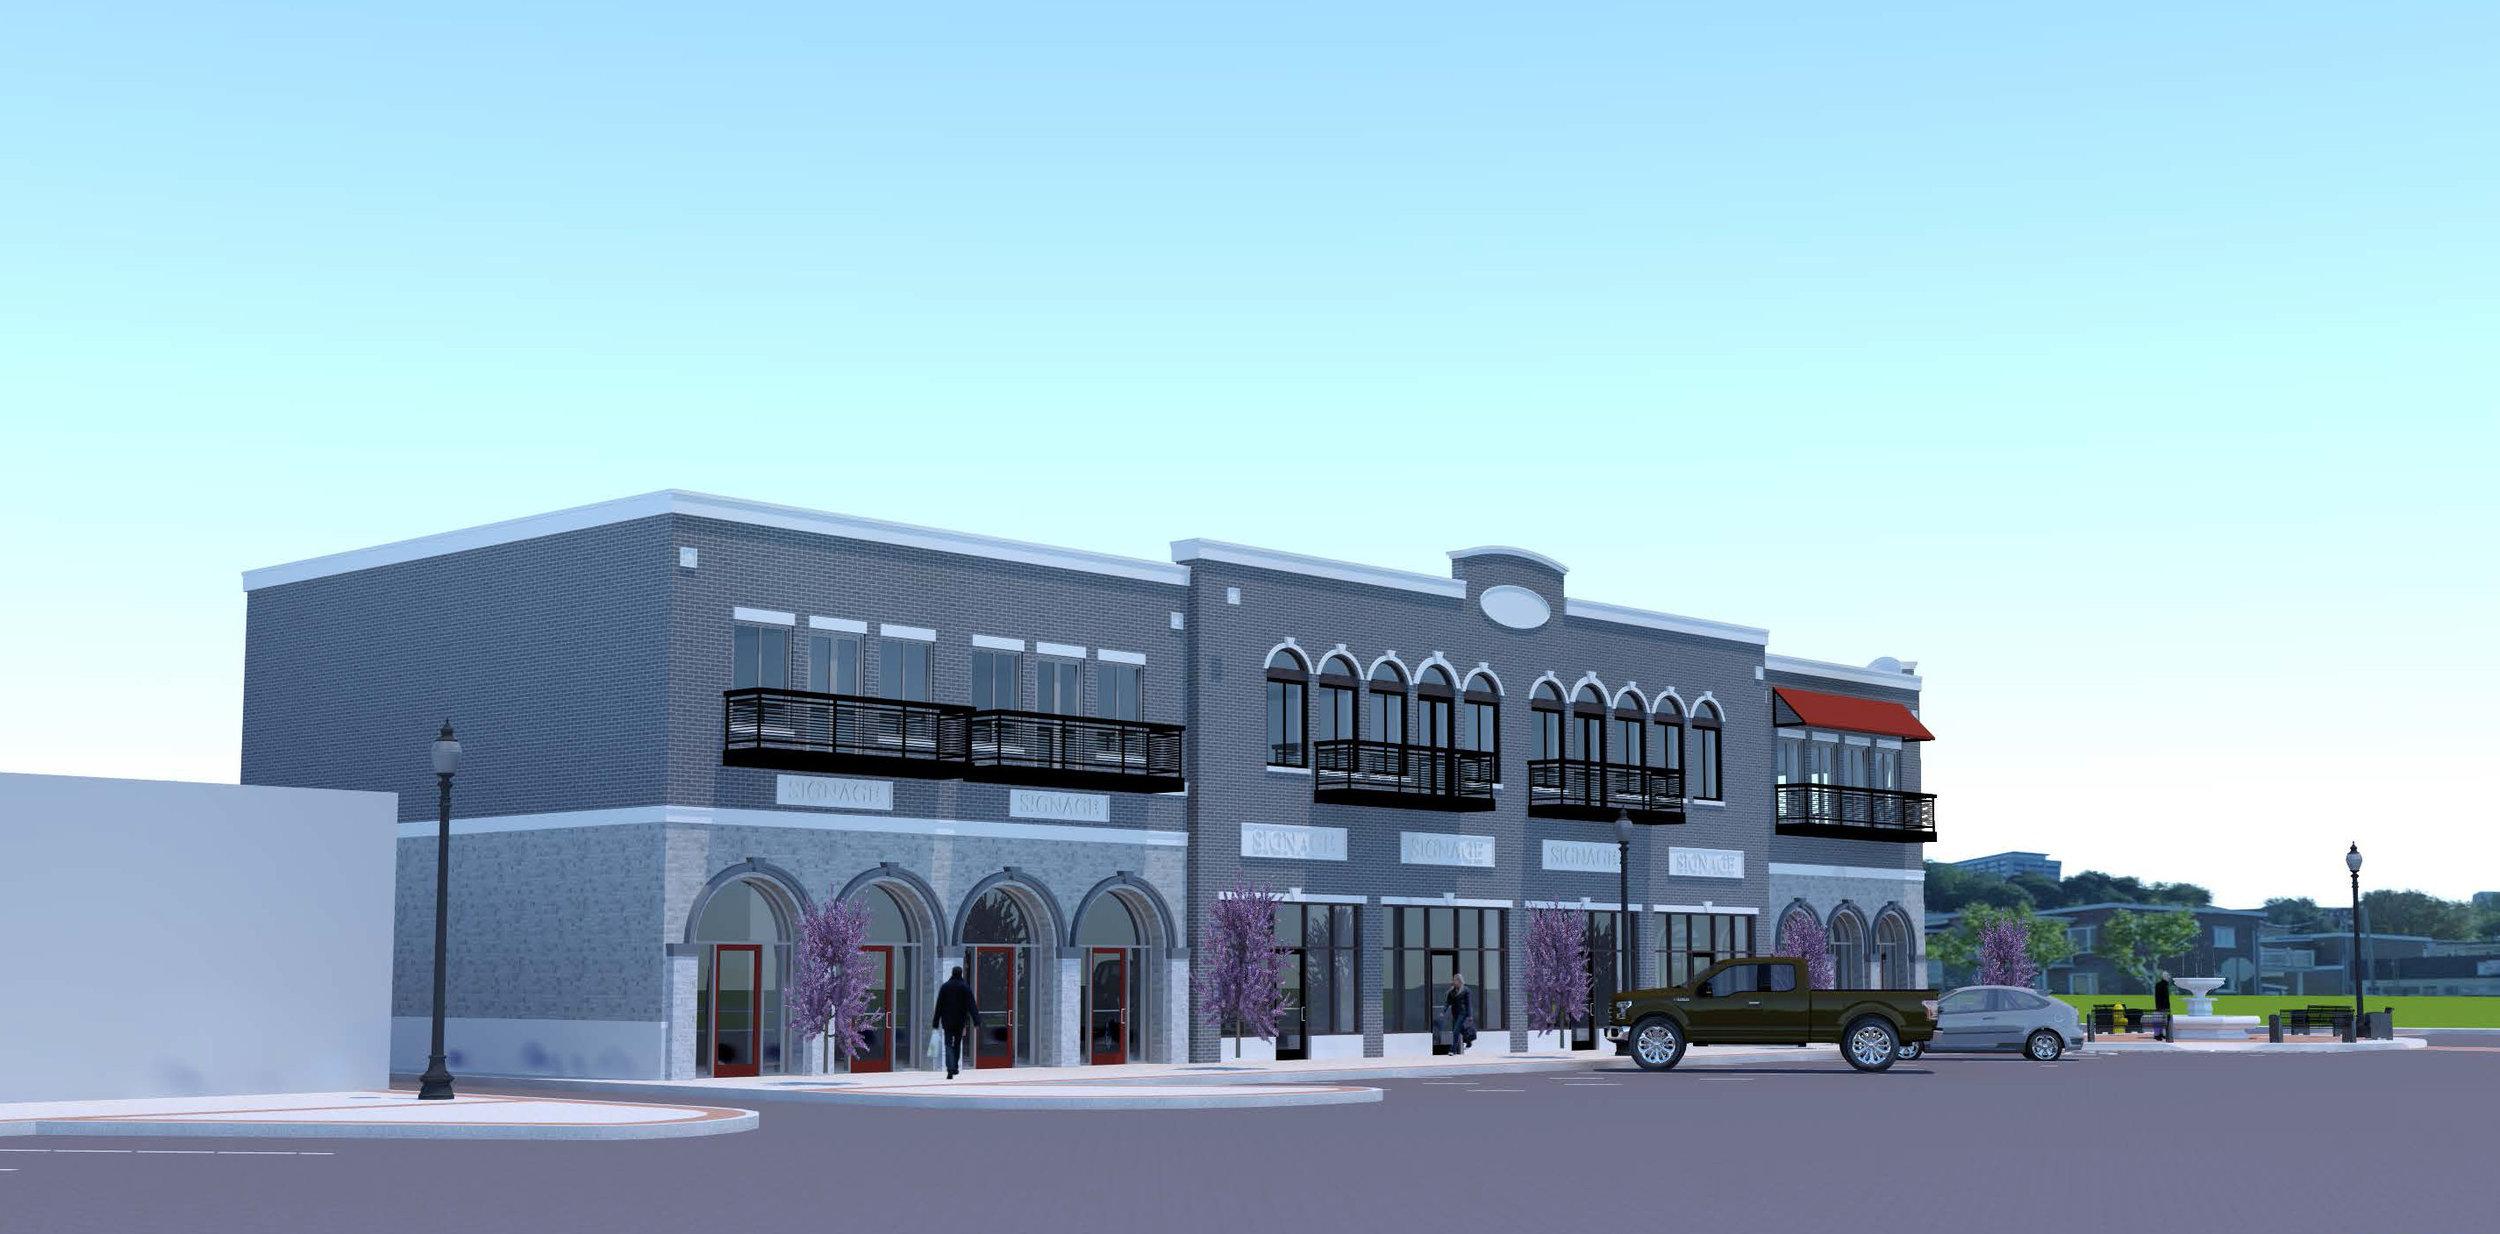 Mowery Retail-Lofts_Exterior_Rendering-2.jpg